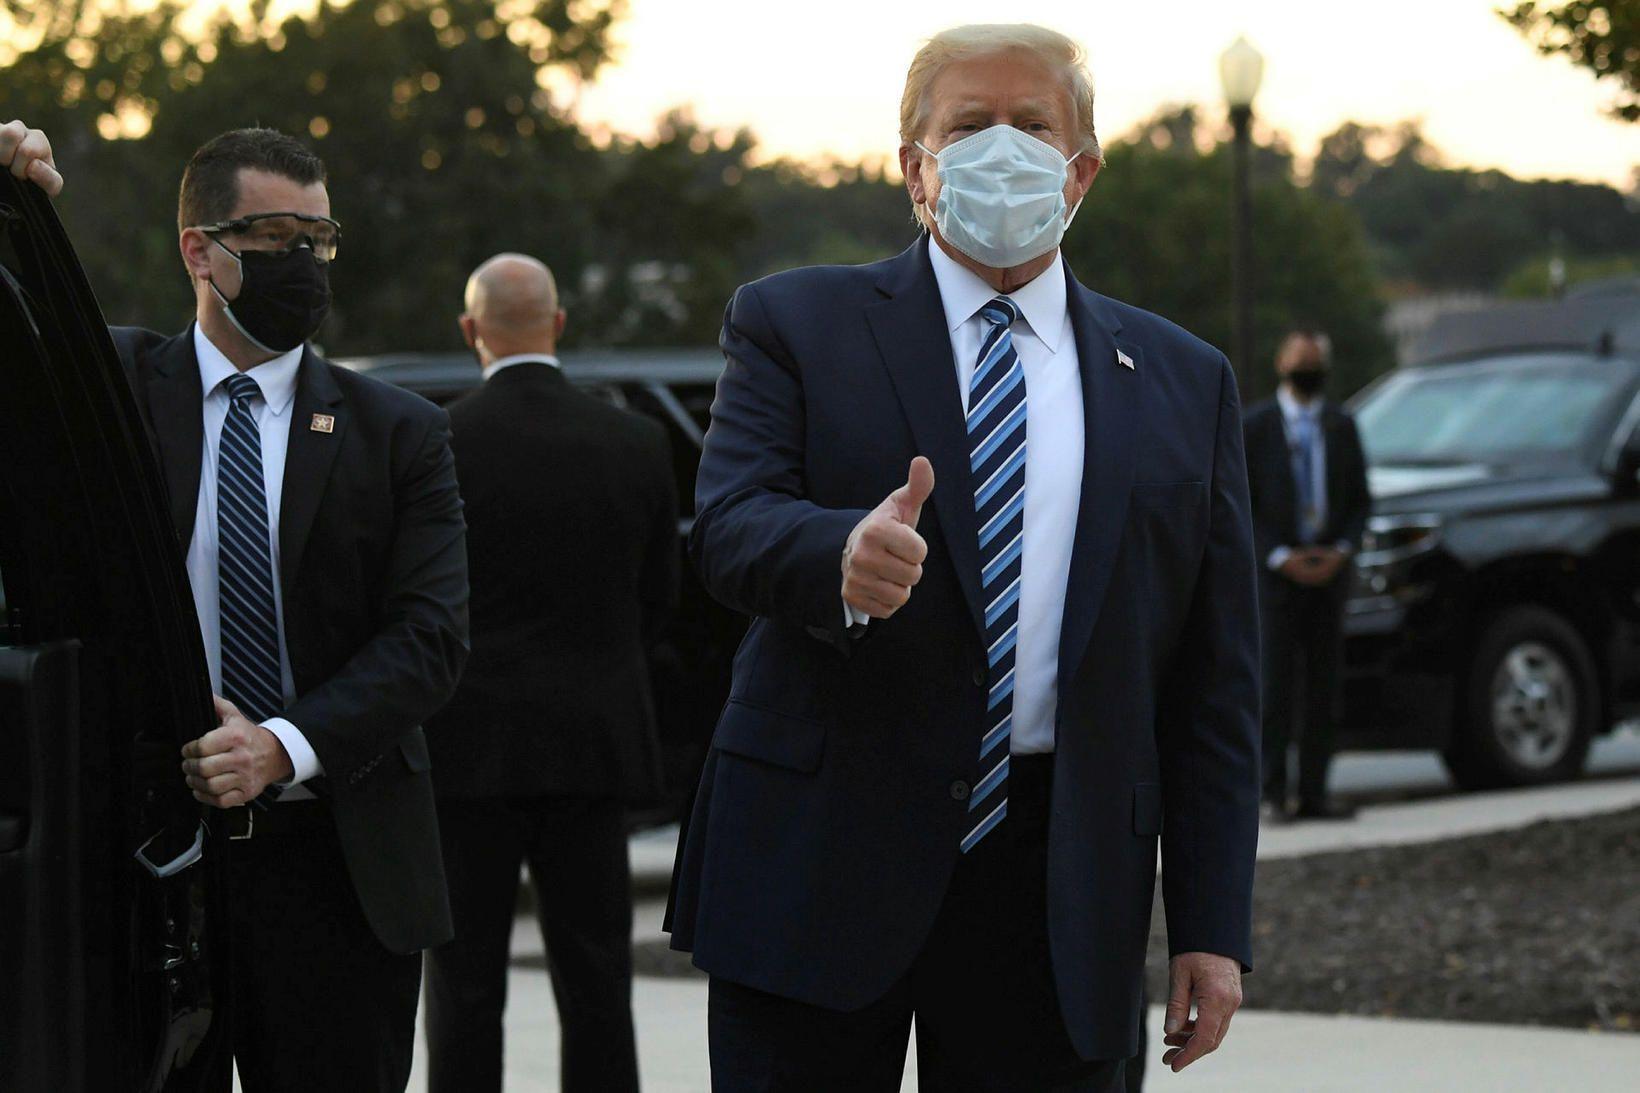 Donald Trump á leið sinni frá Walter Reed-sjúkrahúsinu, þar sem …